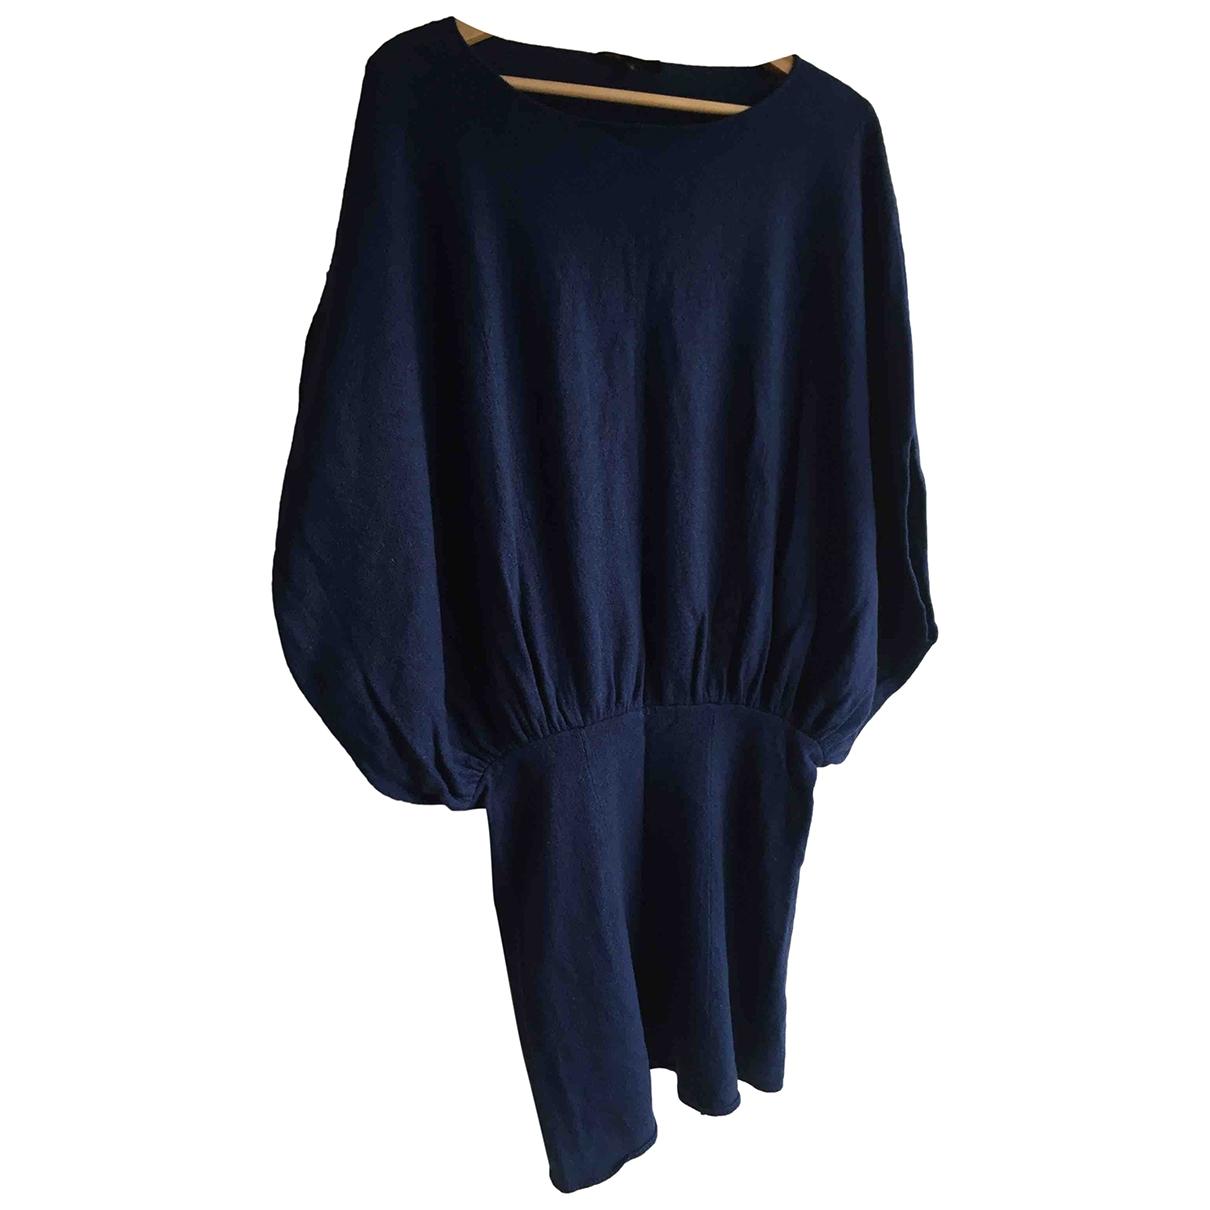 Maje \N Kleid in  Blau Wolle